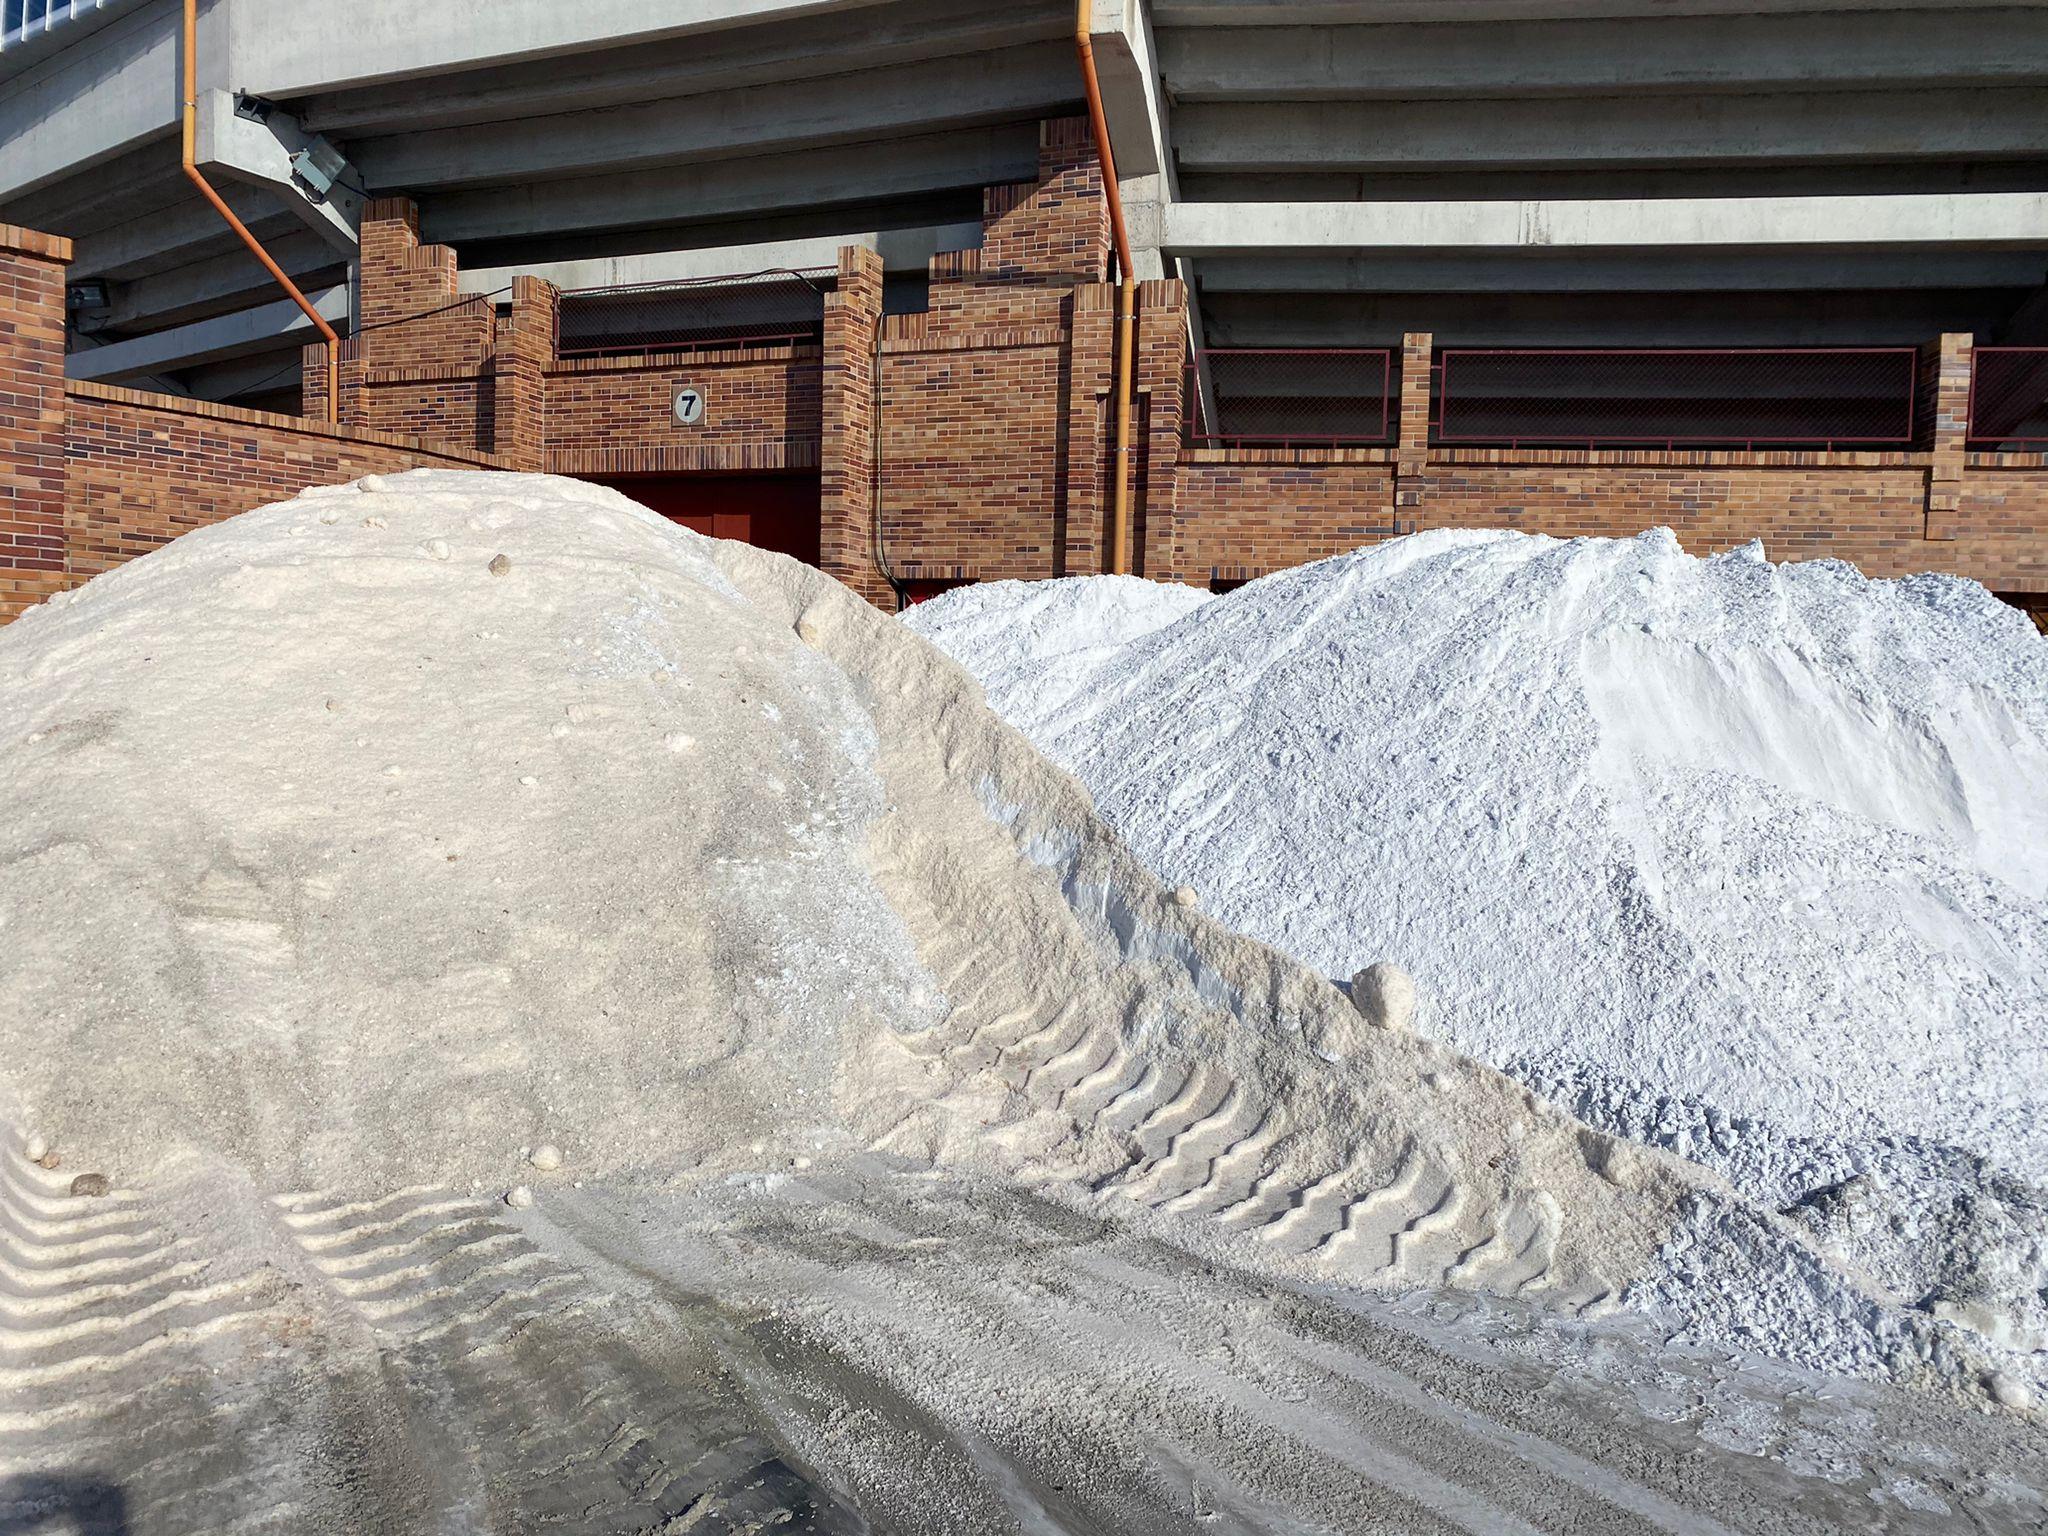 Este sábado continúa la entrega de sal a los vecinos